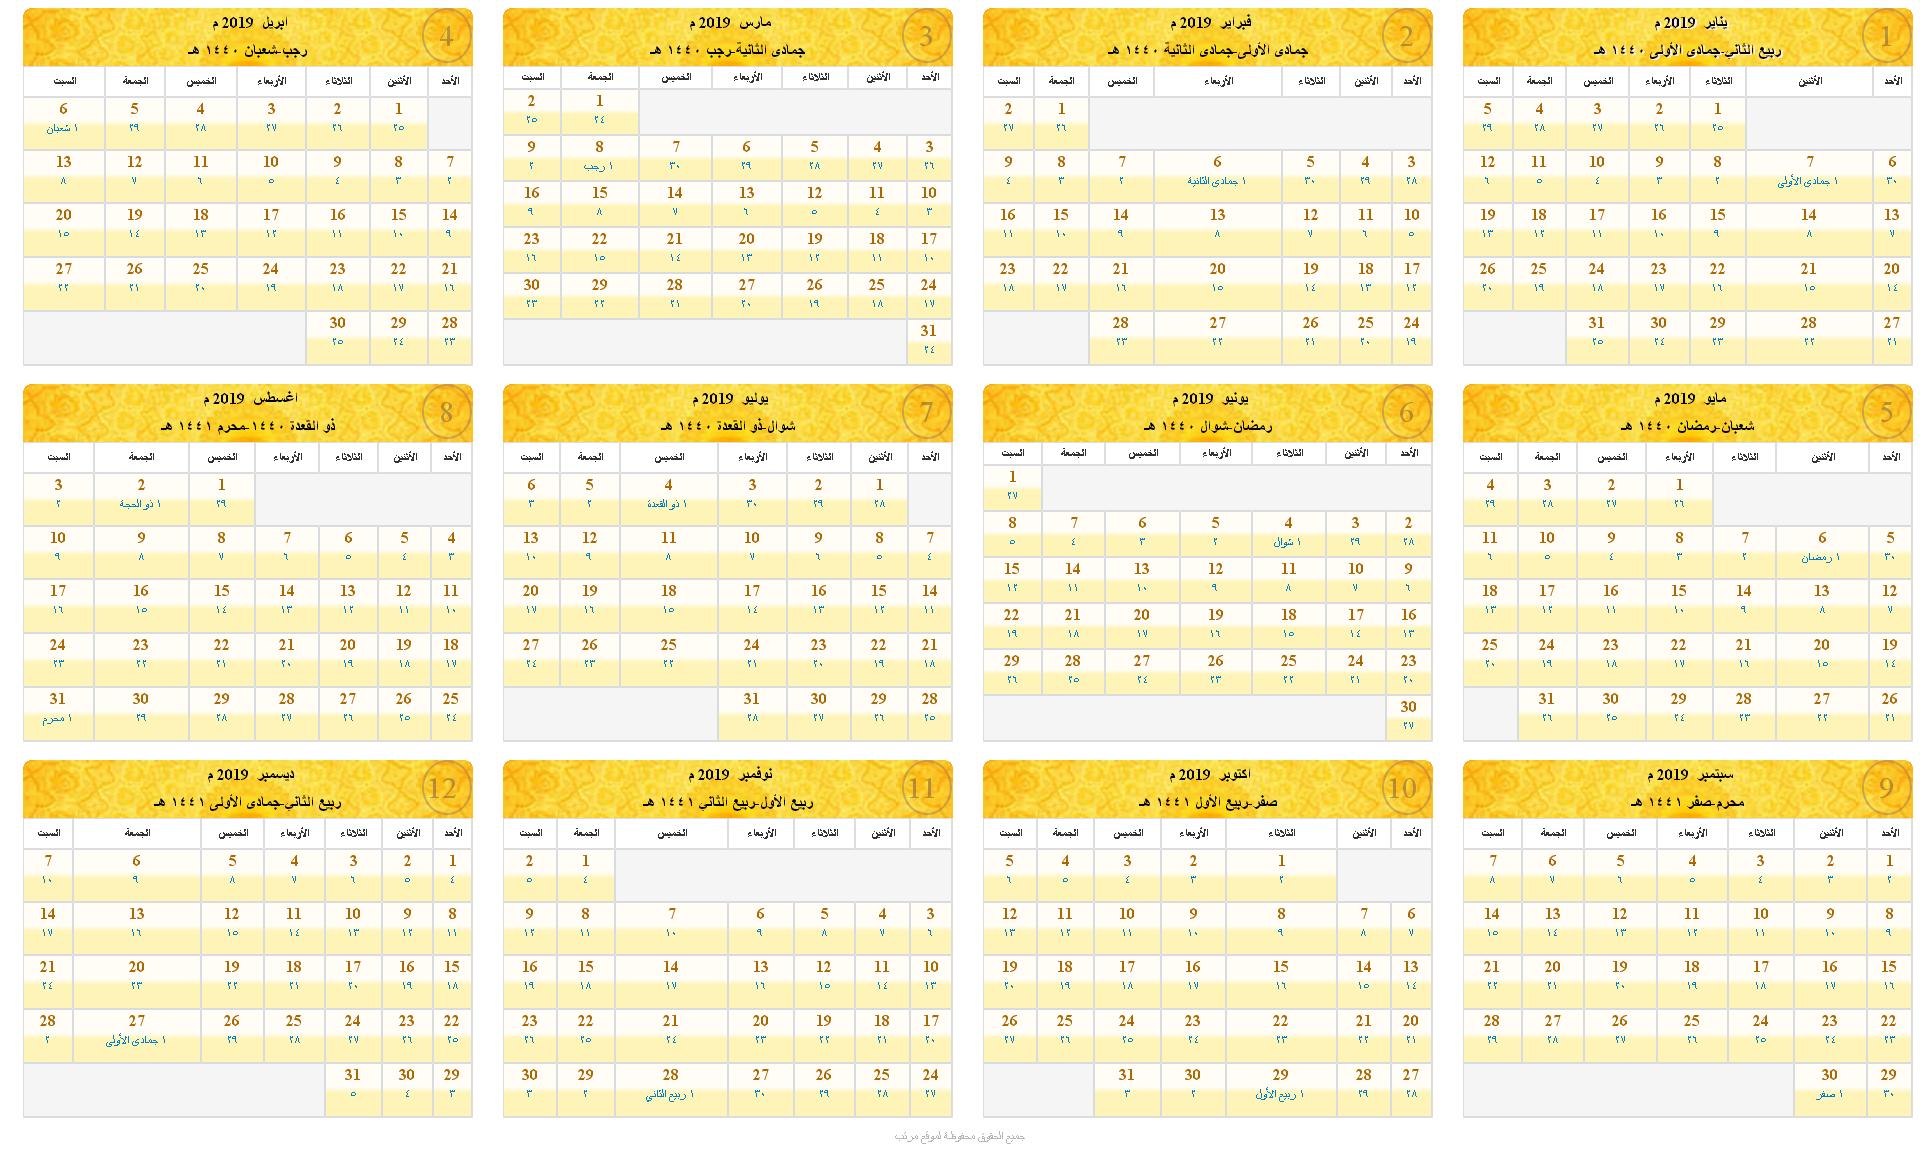 التقويم الميلادى بالصور 2019 تحميل التقويم 3dlat.com_03_18_2553